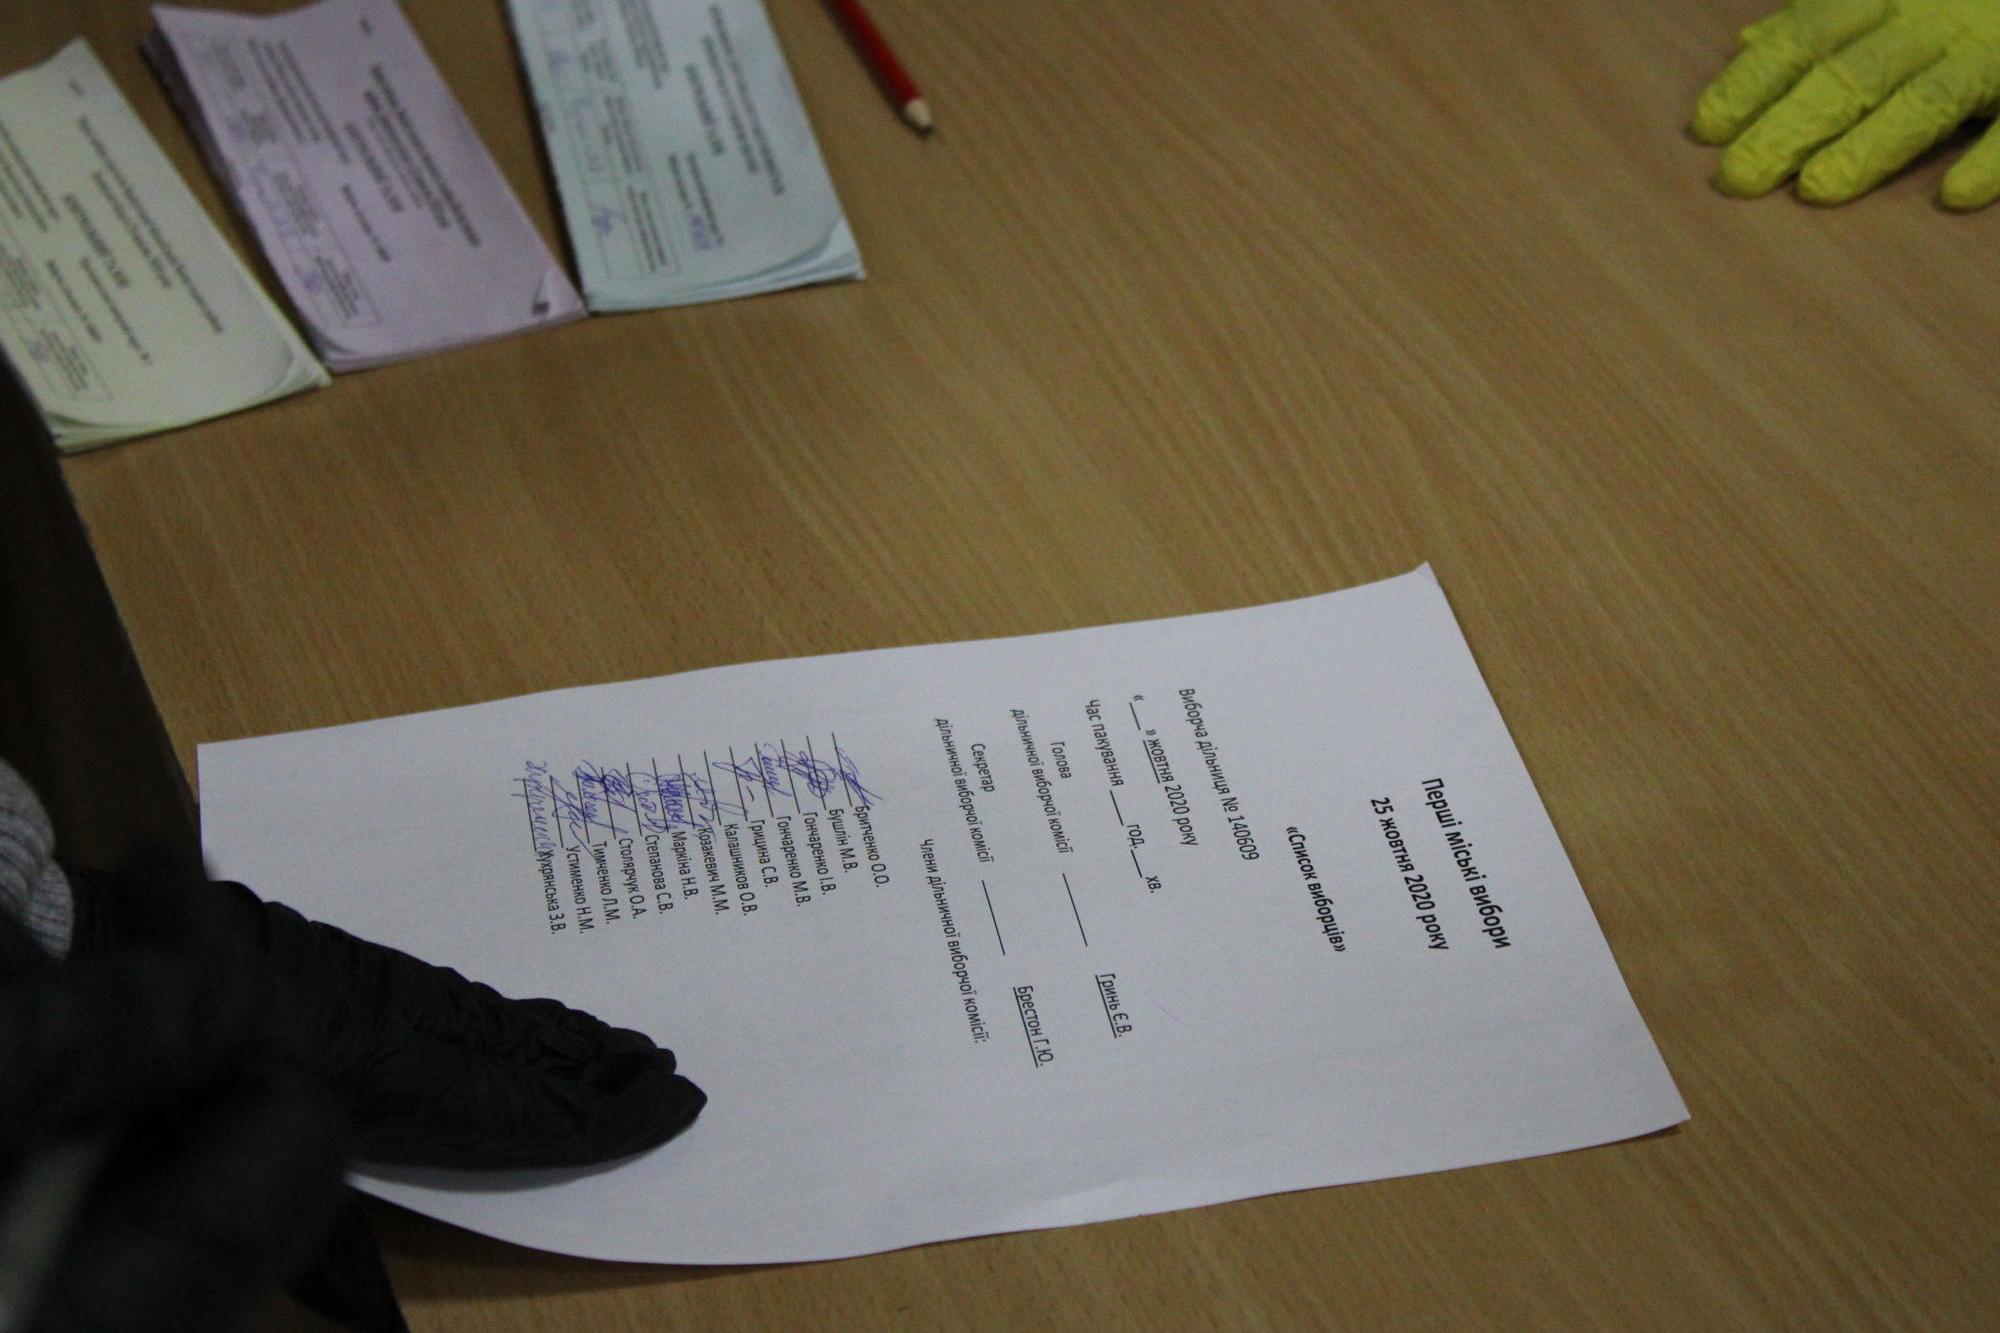 підписаний пустий контрольний лист